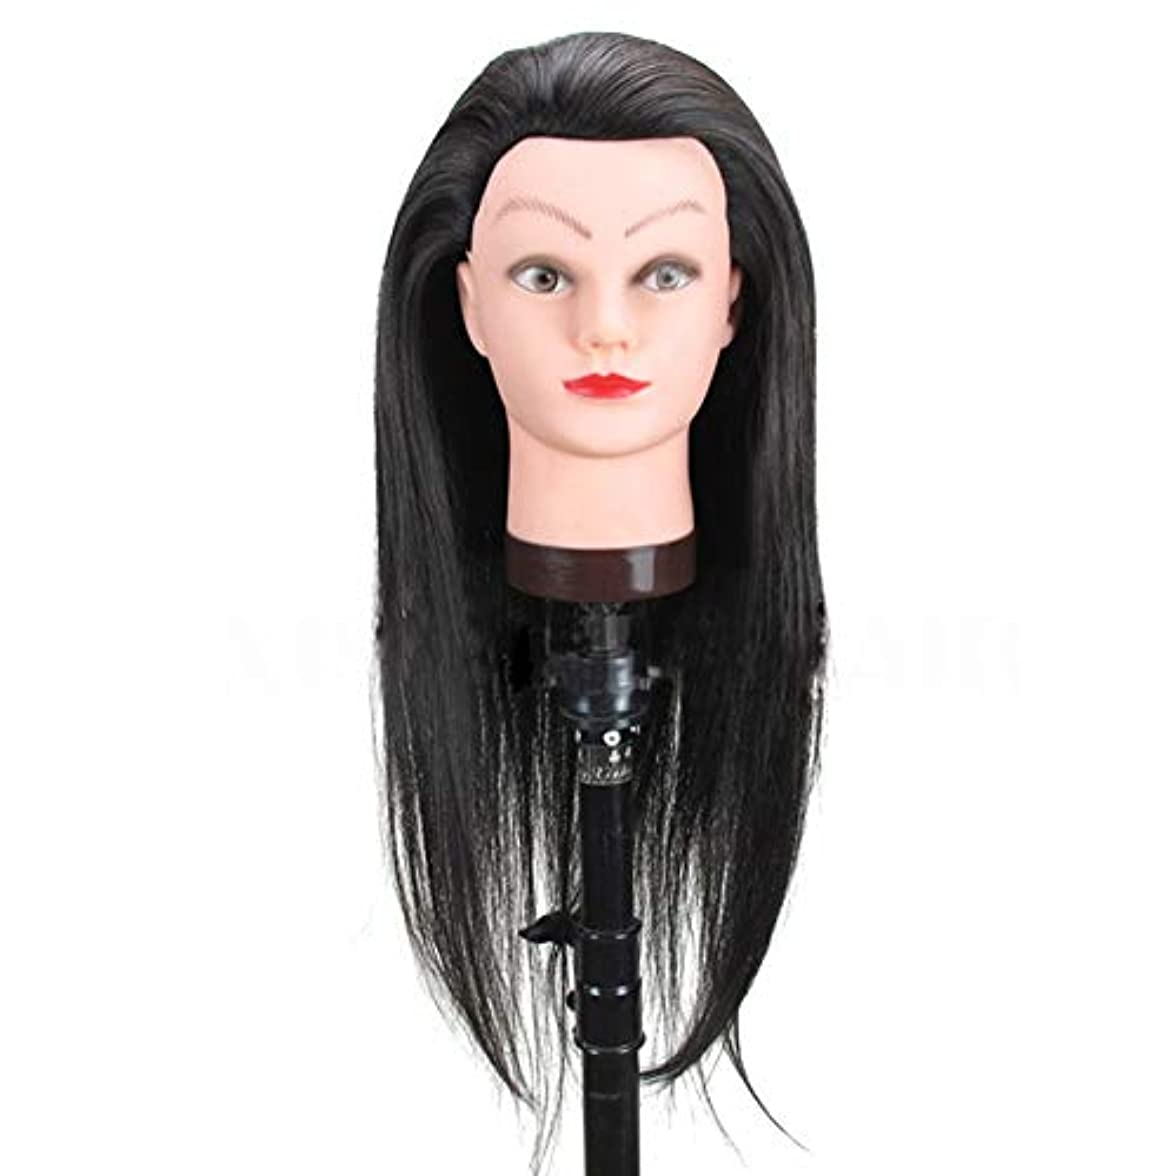 バック舗装する想像力豊かなHairdressing Practice Head Model Braided Hair Training Head Head Barbershop Haircut Learning Dummy Mannequin Head.